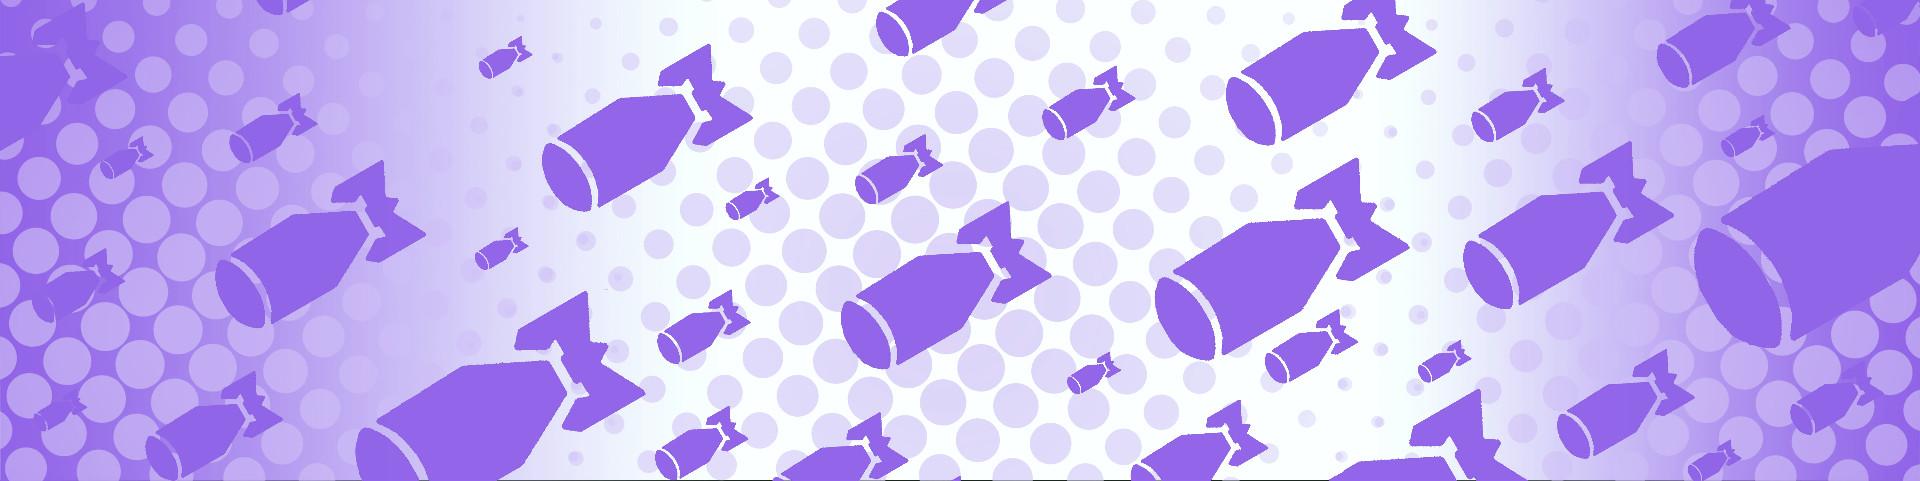 purple headband1.jpg